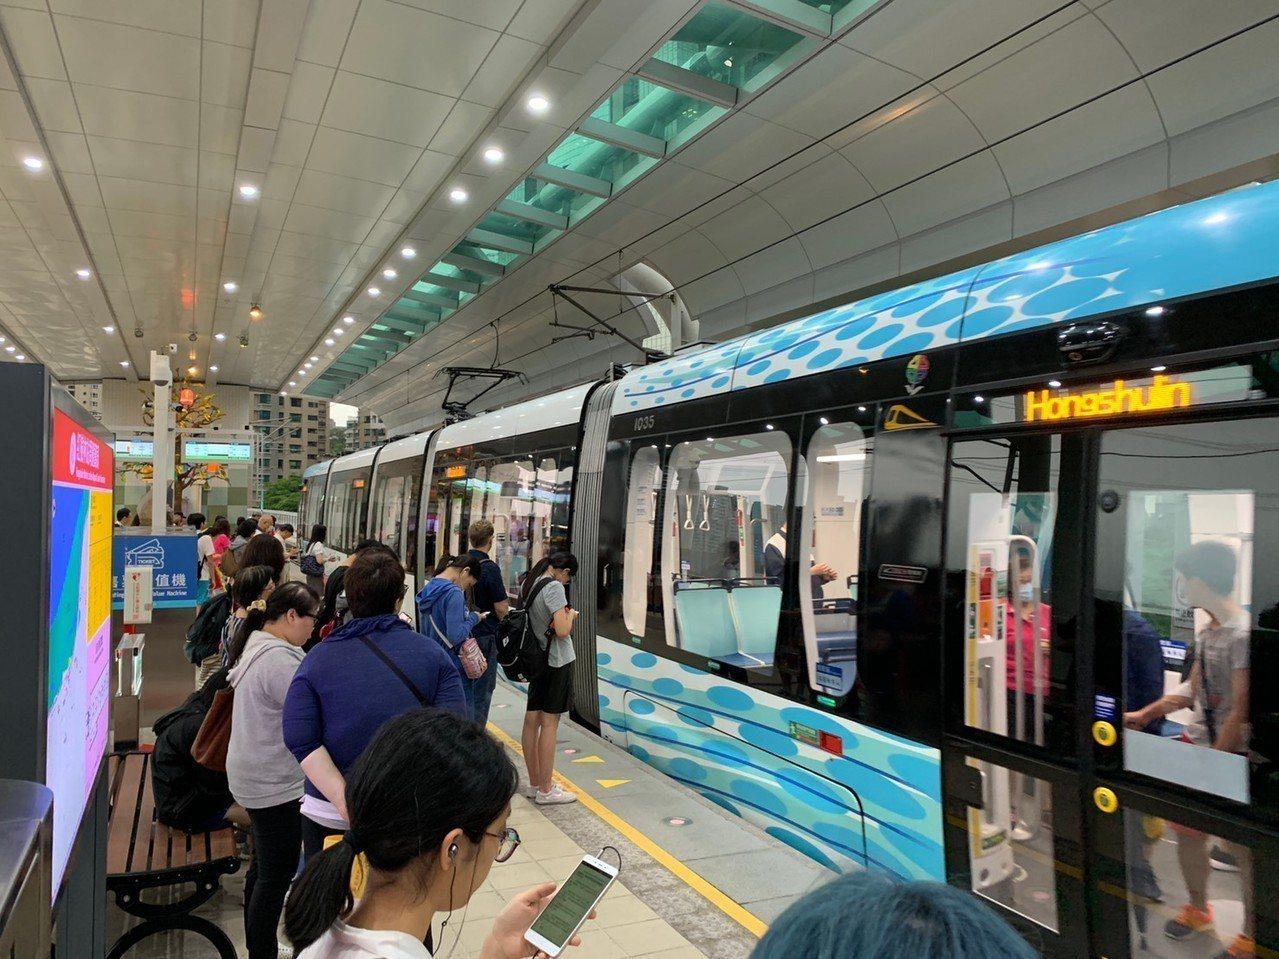 淡海輕軌自7月1日起將調整時刻表,平日上午6點30分至8點,最小班距將可達到6分...